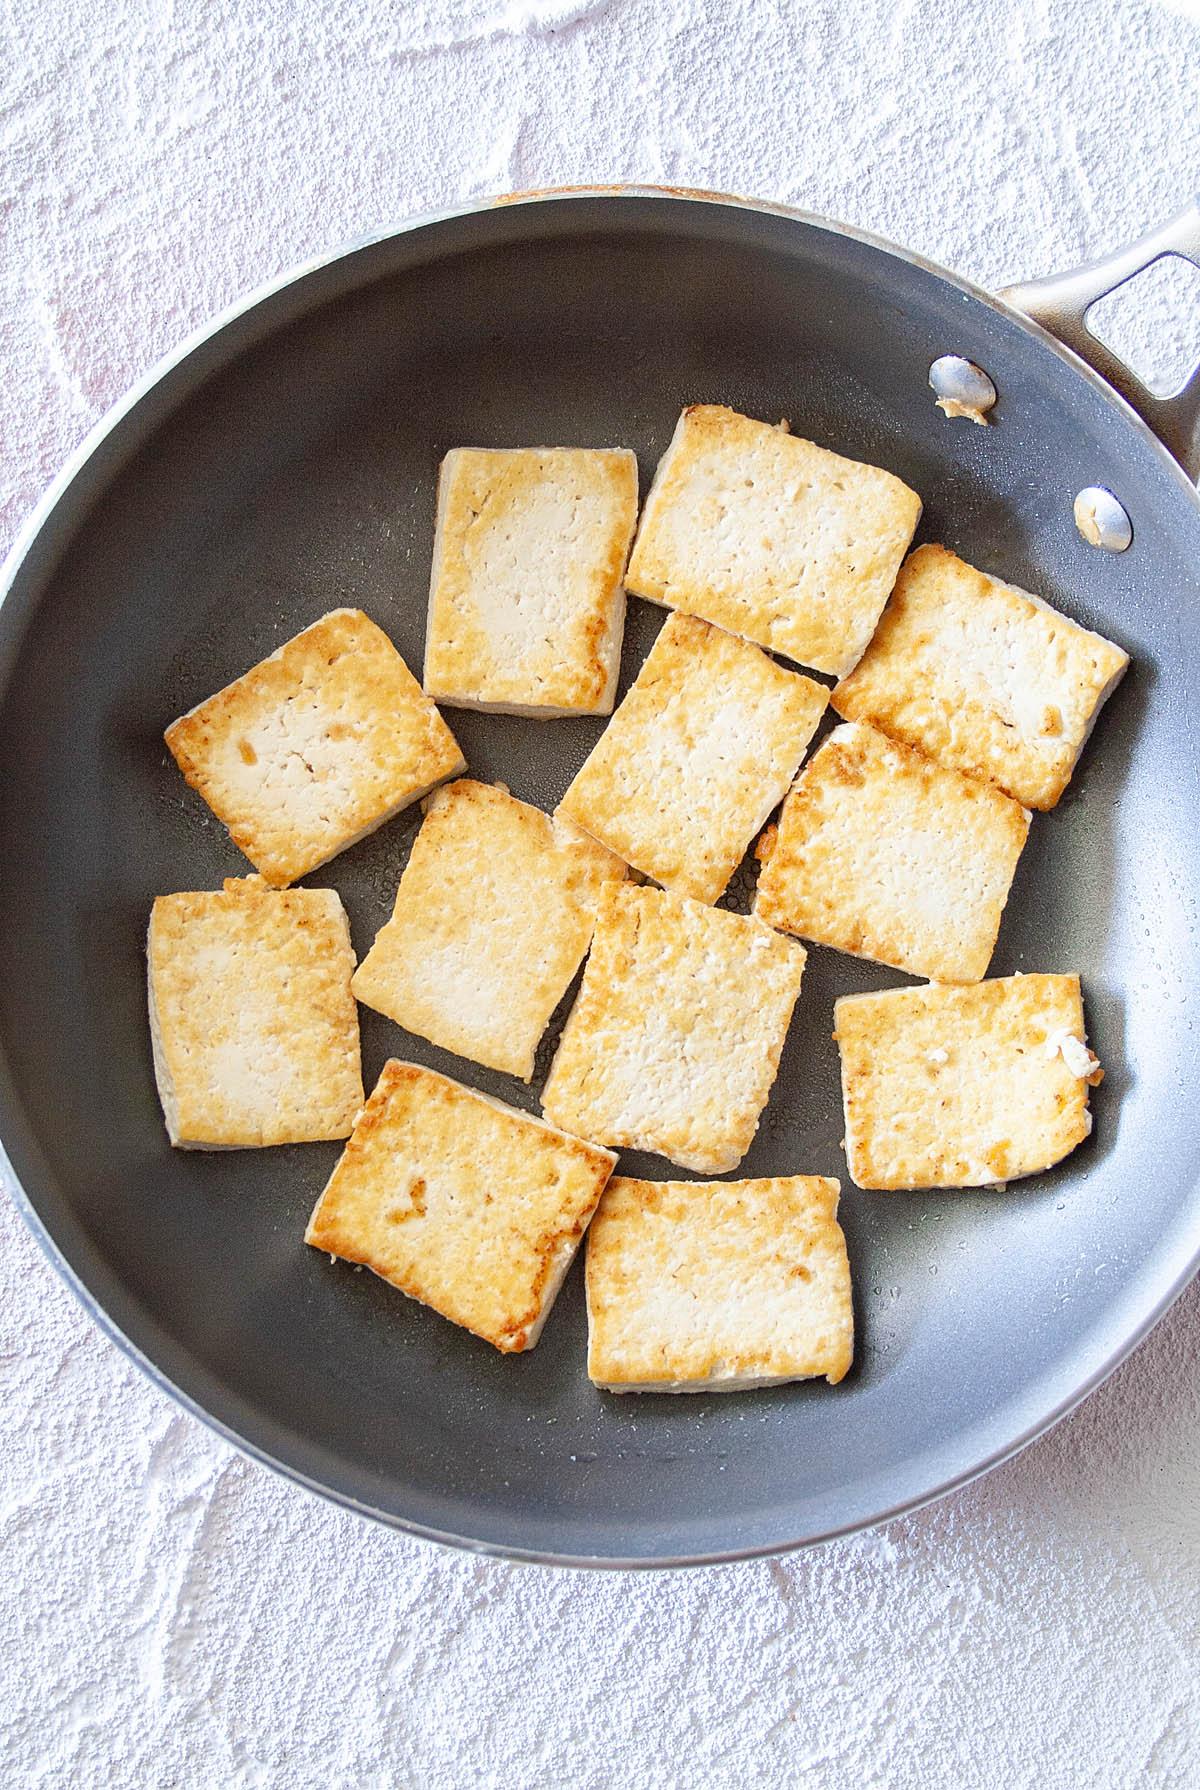 Tofu in frying pan.